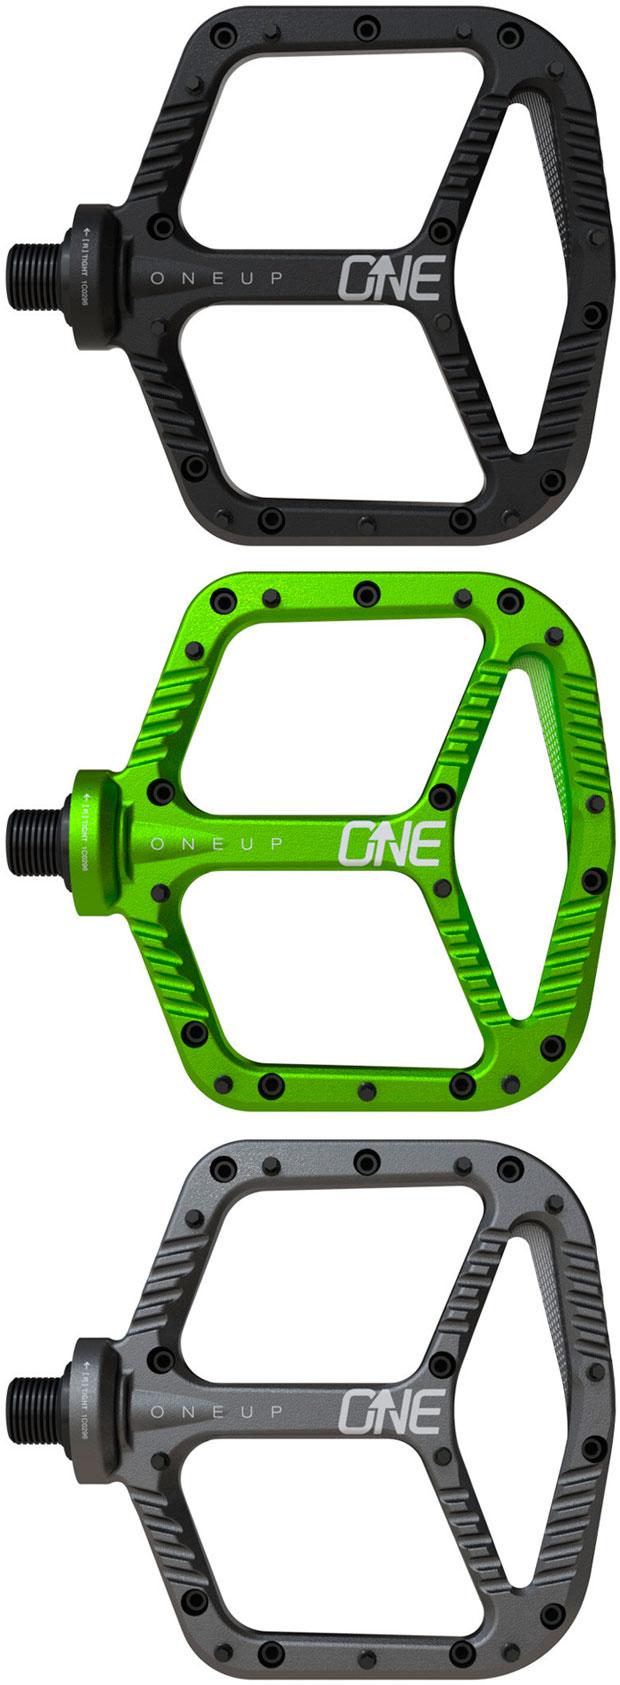 OneUp Components amplía su catálogo con el lanzamiento de dos pedales de plataforma